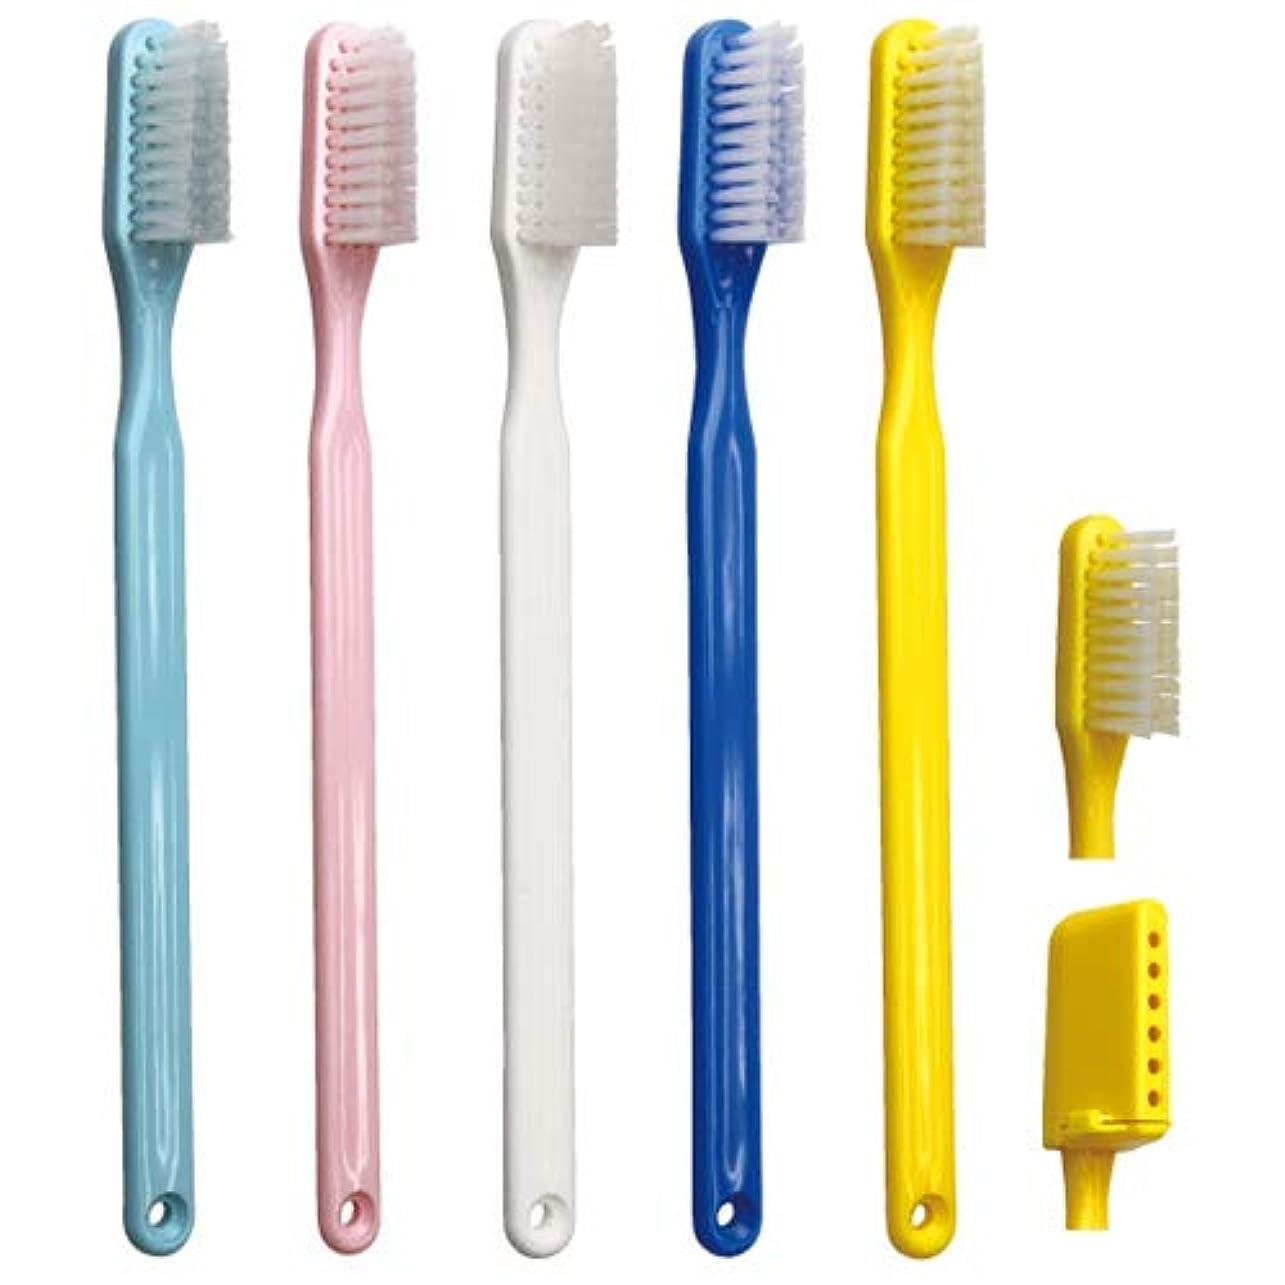 明確なバウンスレプリカ歯科医院専用商品 PHB 歯ブラシ アダルト5本セット( 歯ブラシキャップ付)ライトブルー?ピンク?ホワイト?ネオンブルー?イエロー